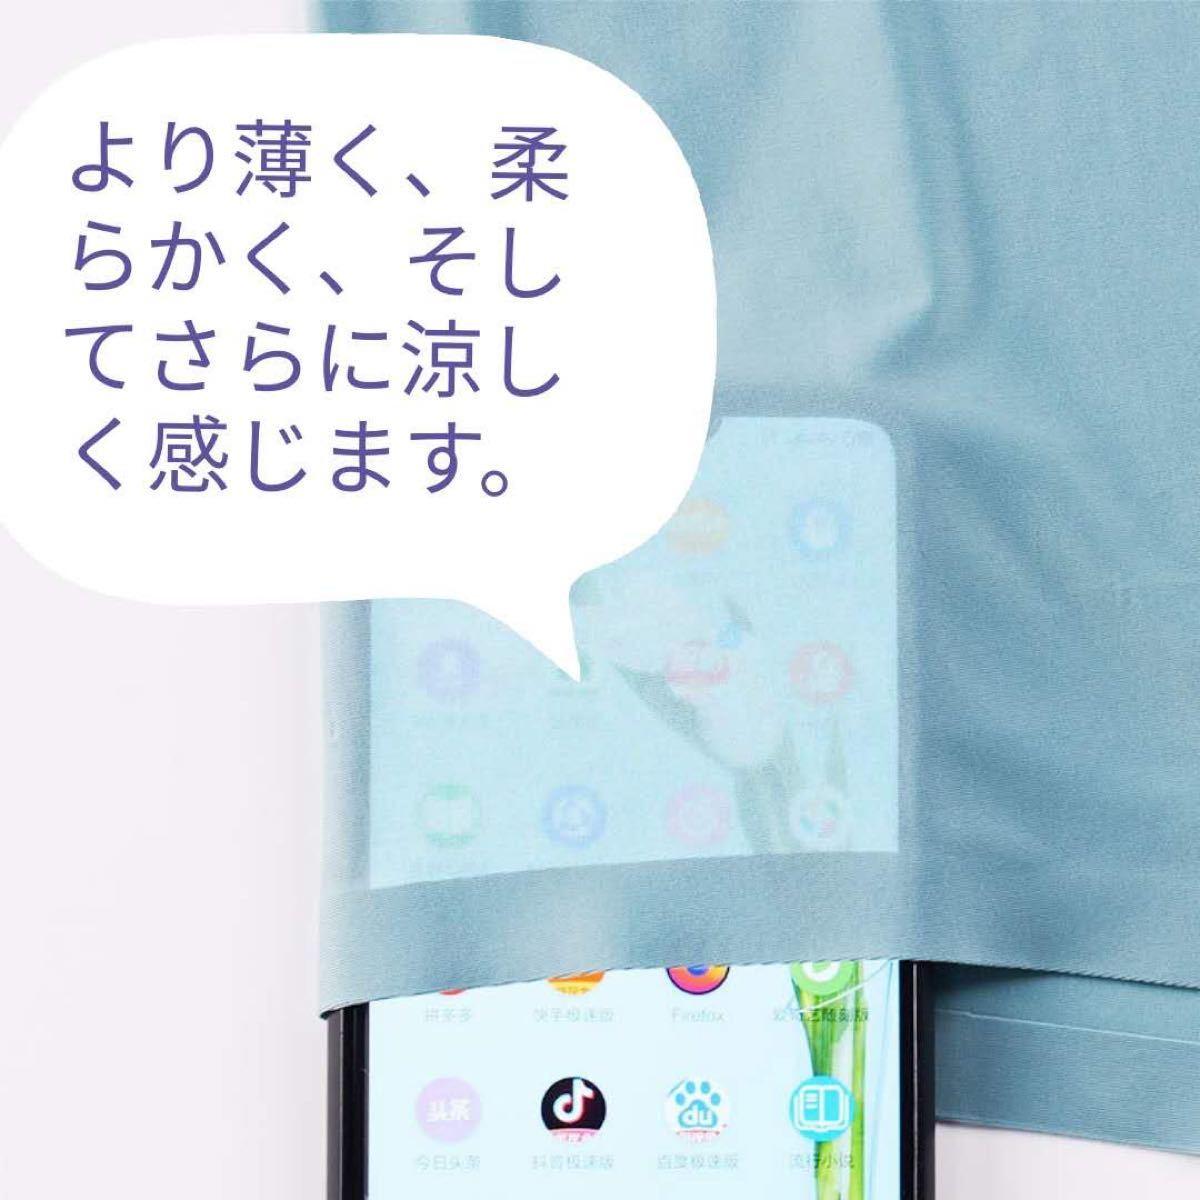 エイキ様リピート購入専用  【新品】ボクサーパンツ メンズ 4枚組ブリーフ 通気